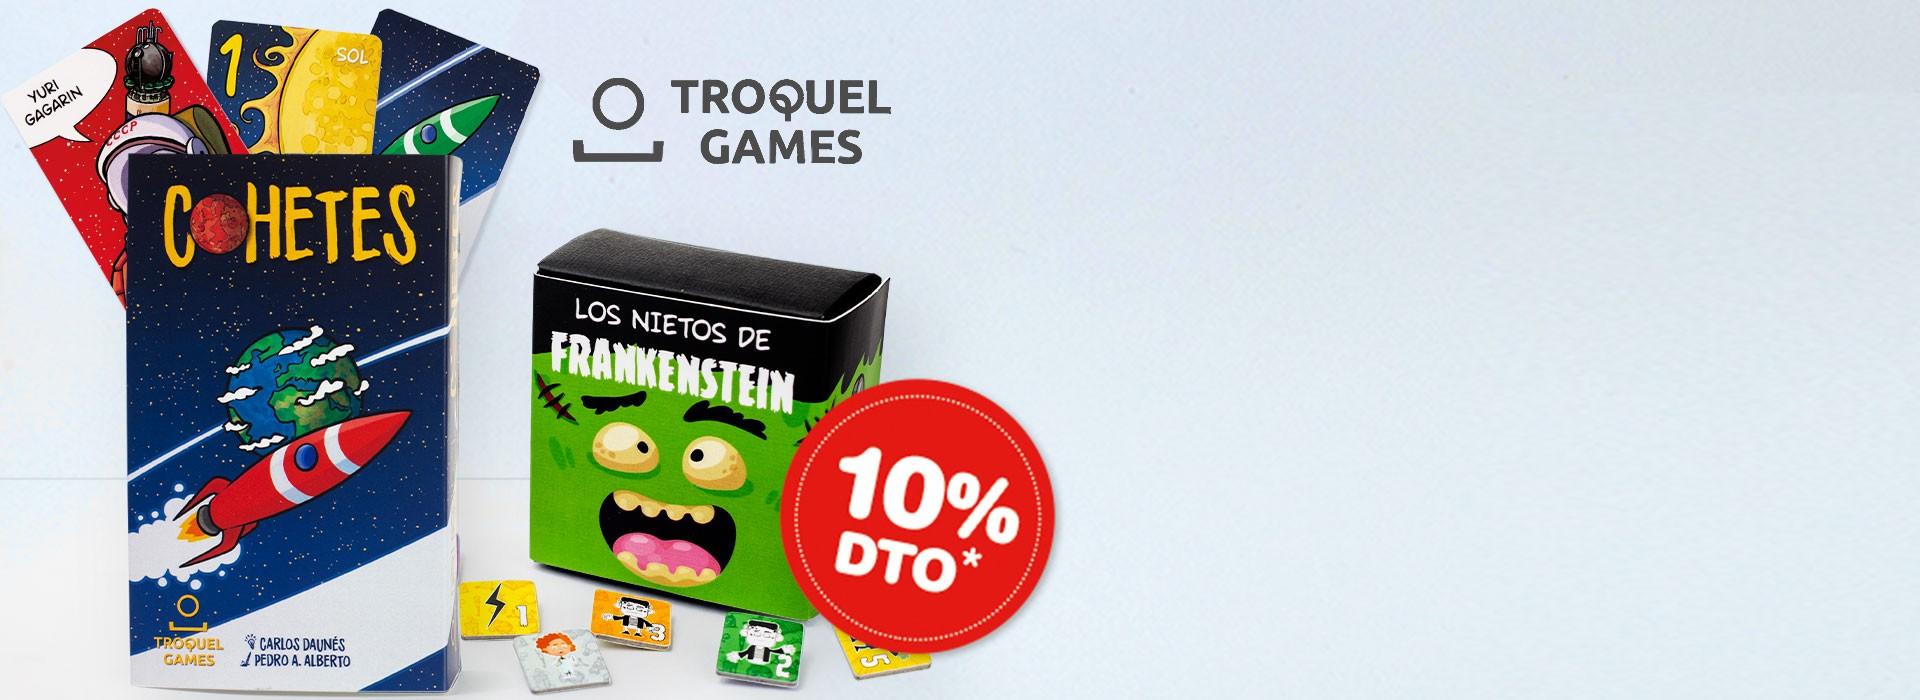 Originales juegos de Troquel